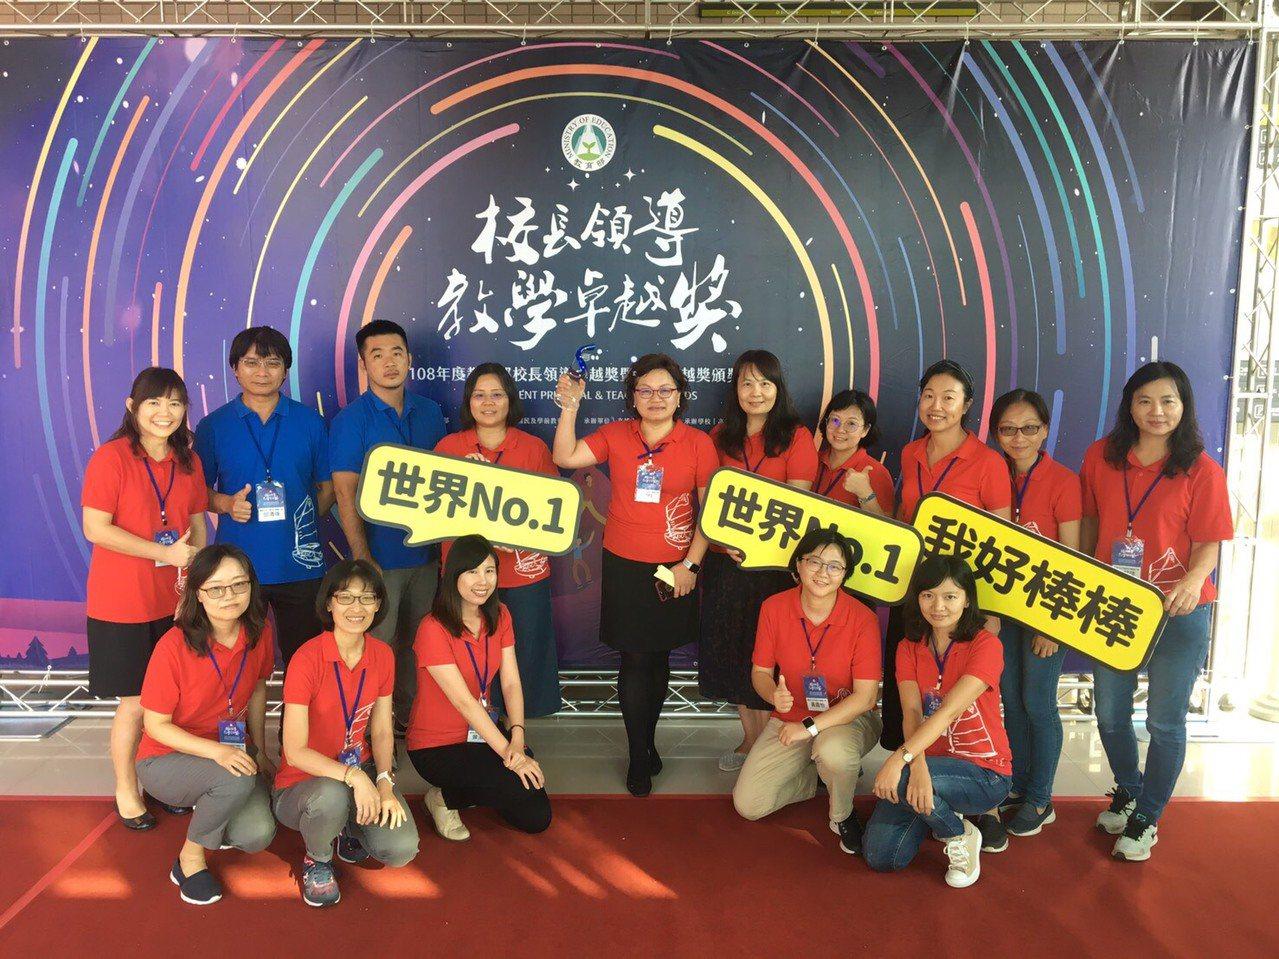 西門實驗小學。圖/台南市教育局提供